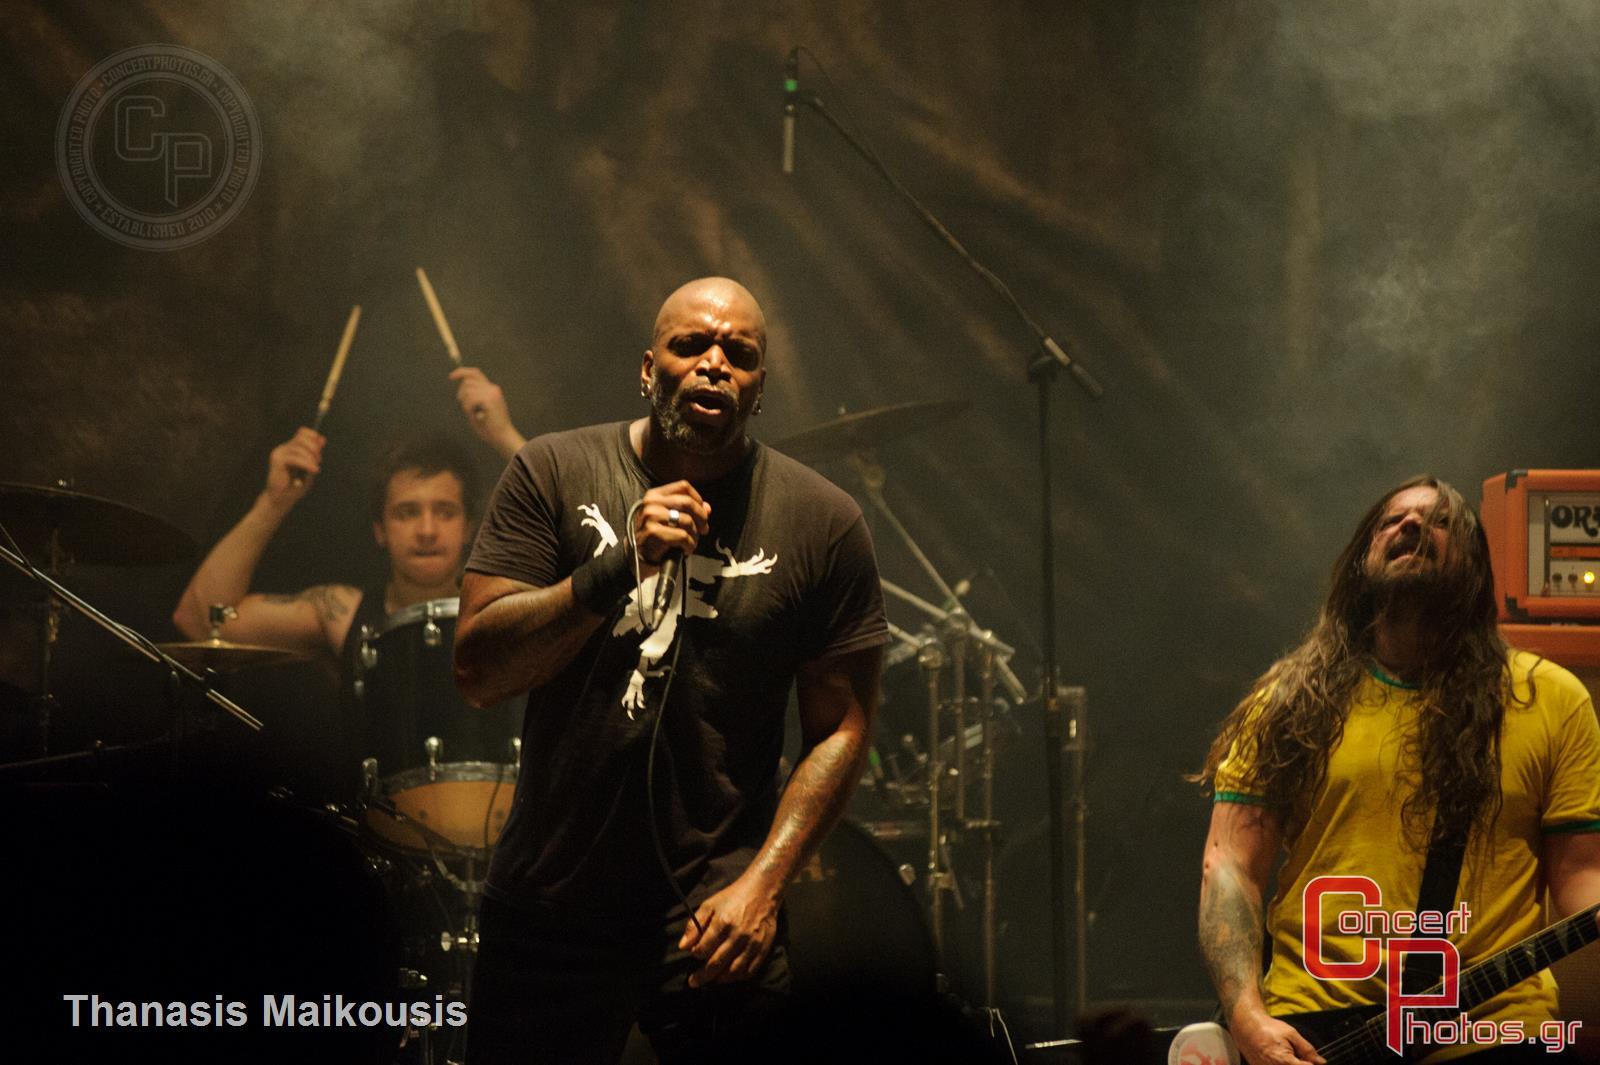 Sepultura-Sepultira photographer: Thanasis Maikousis - concertphotos_20140703_22_17_46